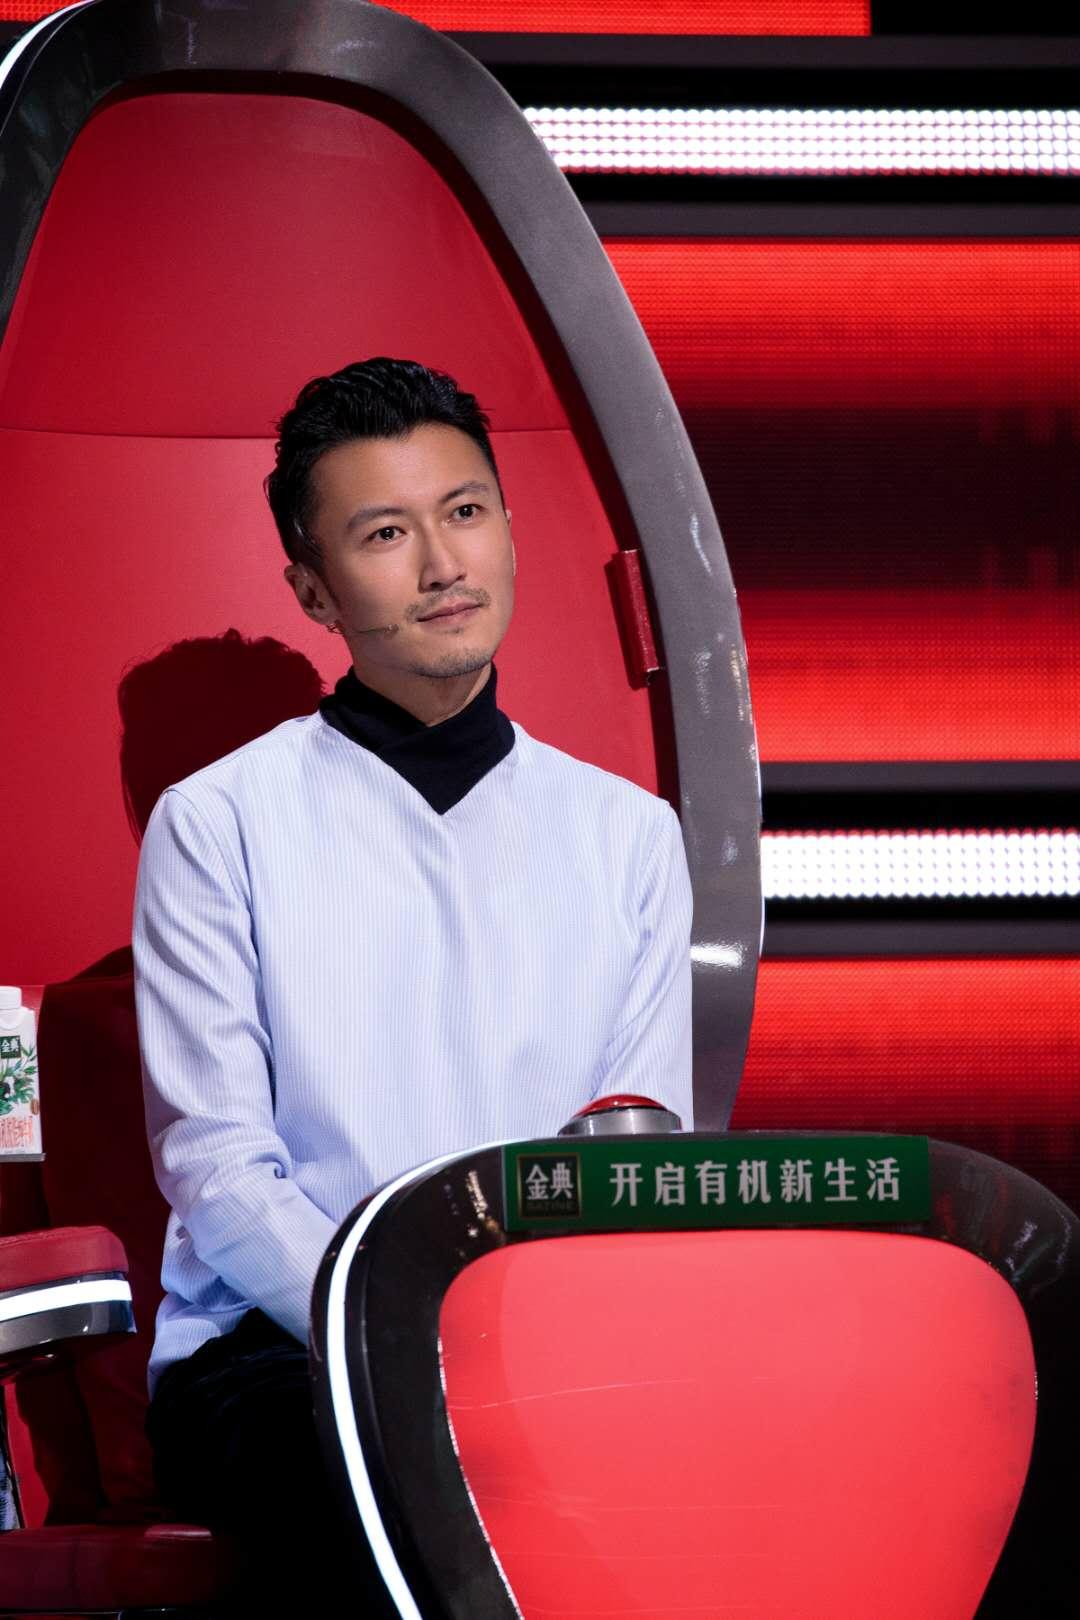 谢霆锋《中国好声音》做了一个强大的攻击 以创造一个完美的菜单团队